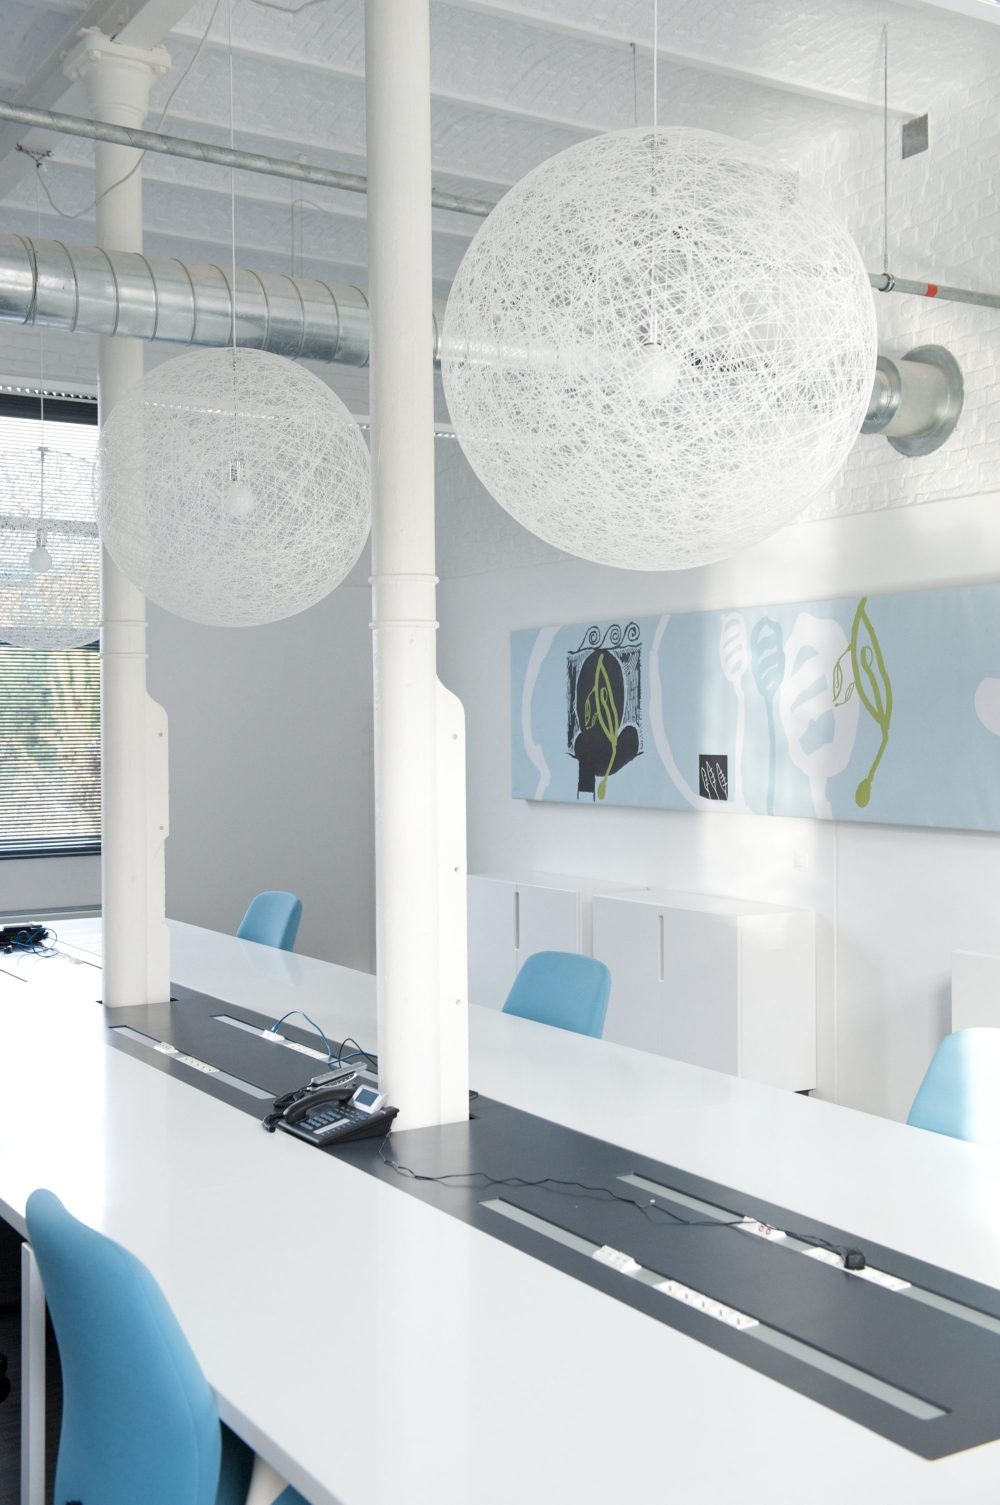 grand bureau blanc pour travail équipe, sièges bleus, lampes boules blanches